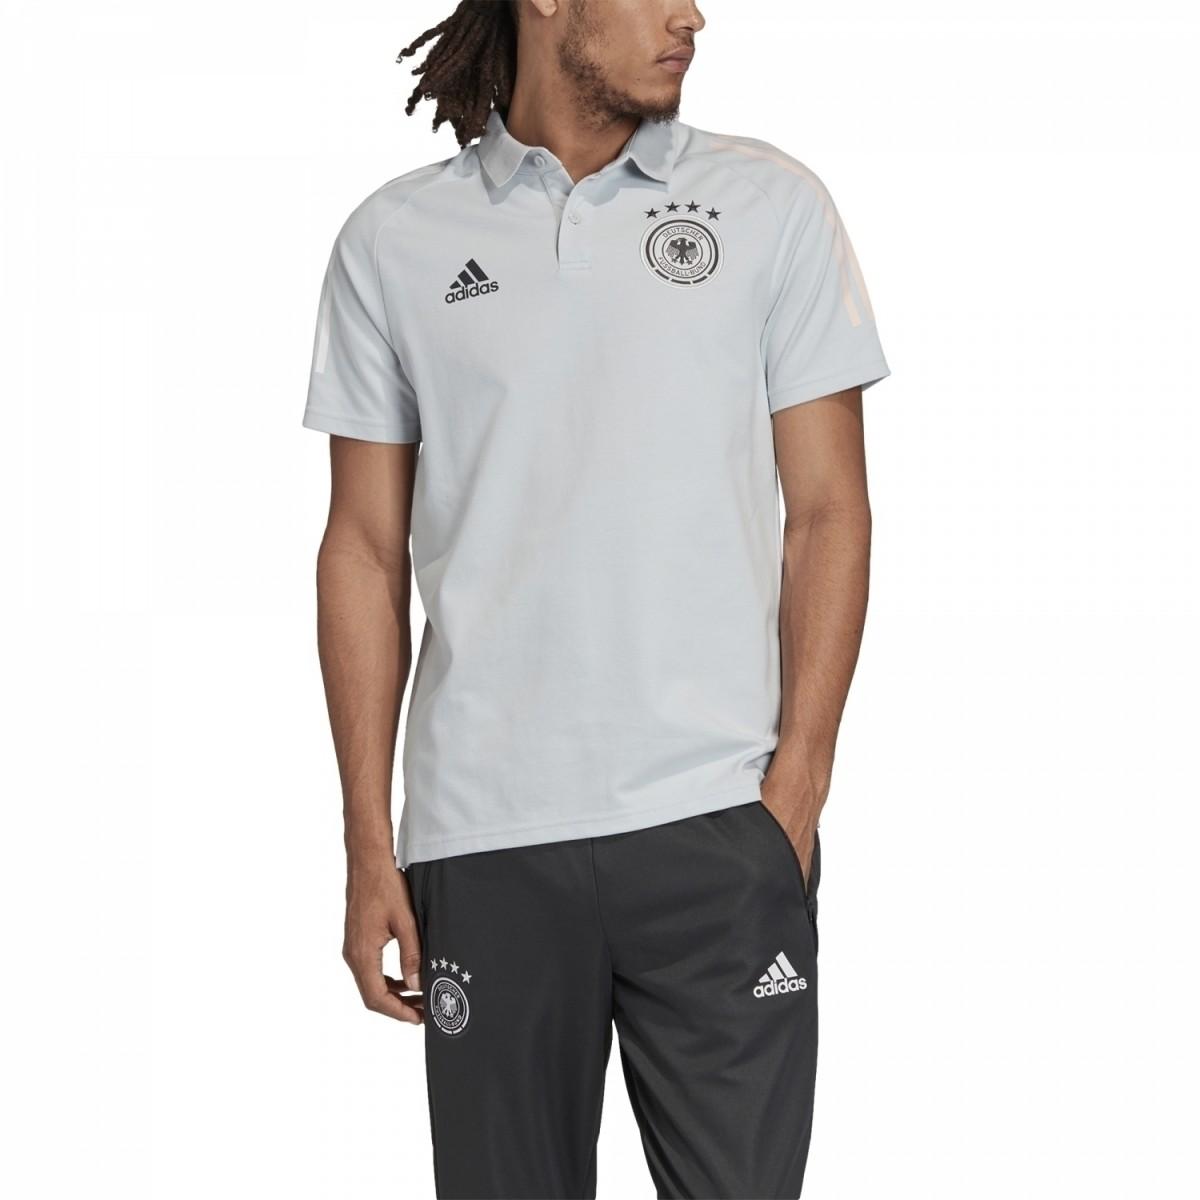 adidas DFB Poloshirt EM 2020